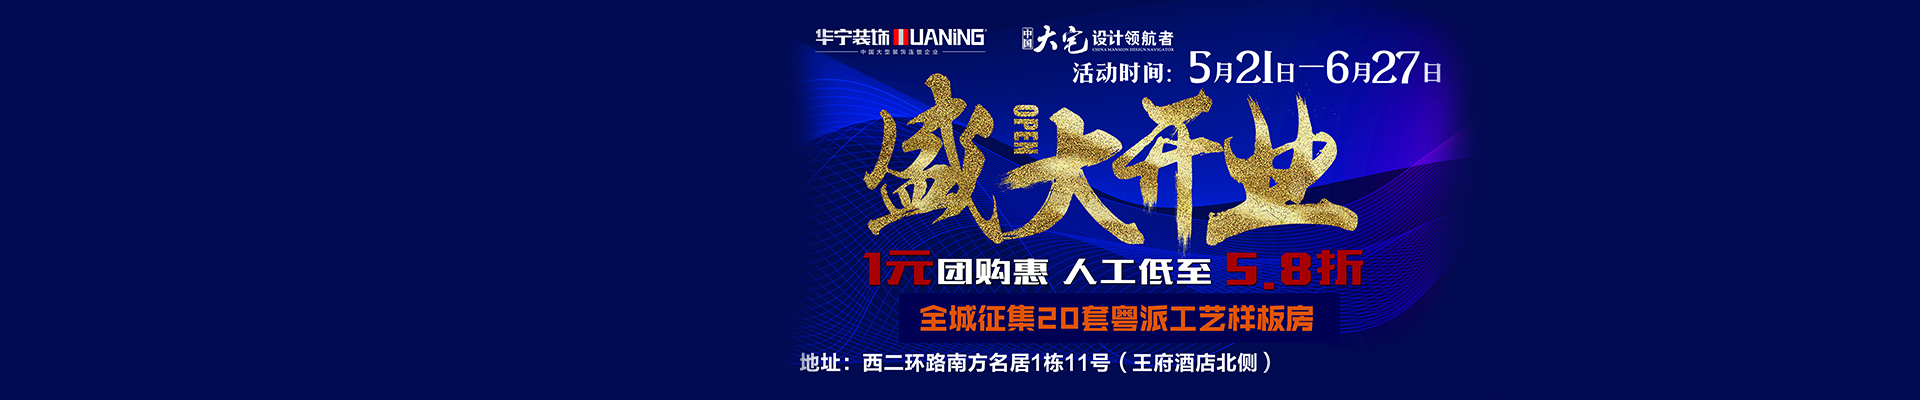 广州华宁装饰工程有限公司丹阳第一分公司